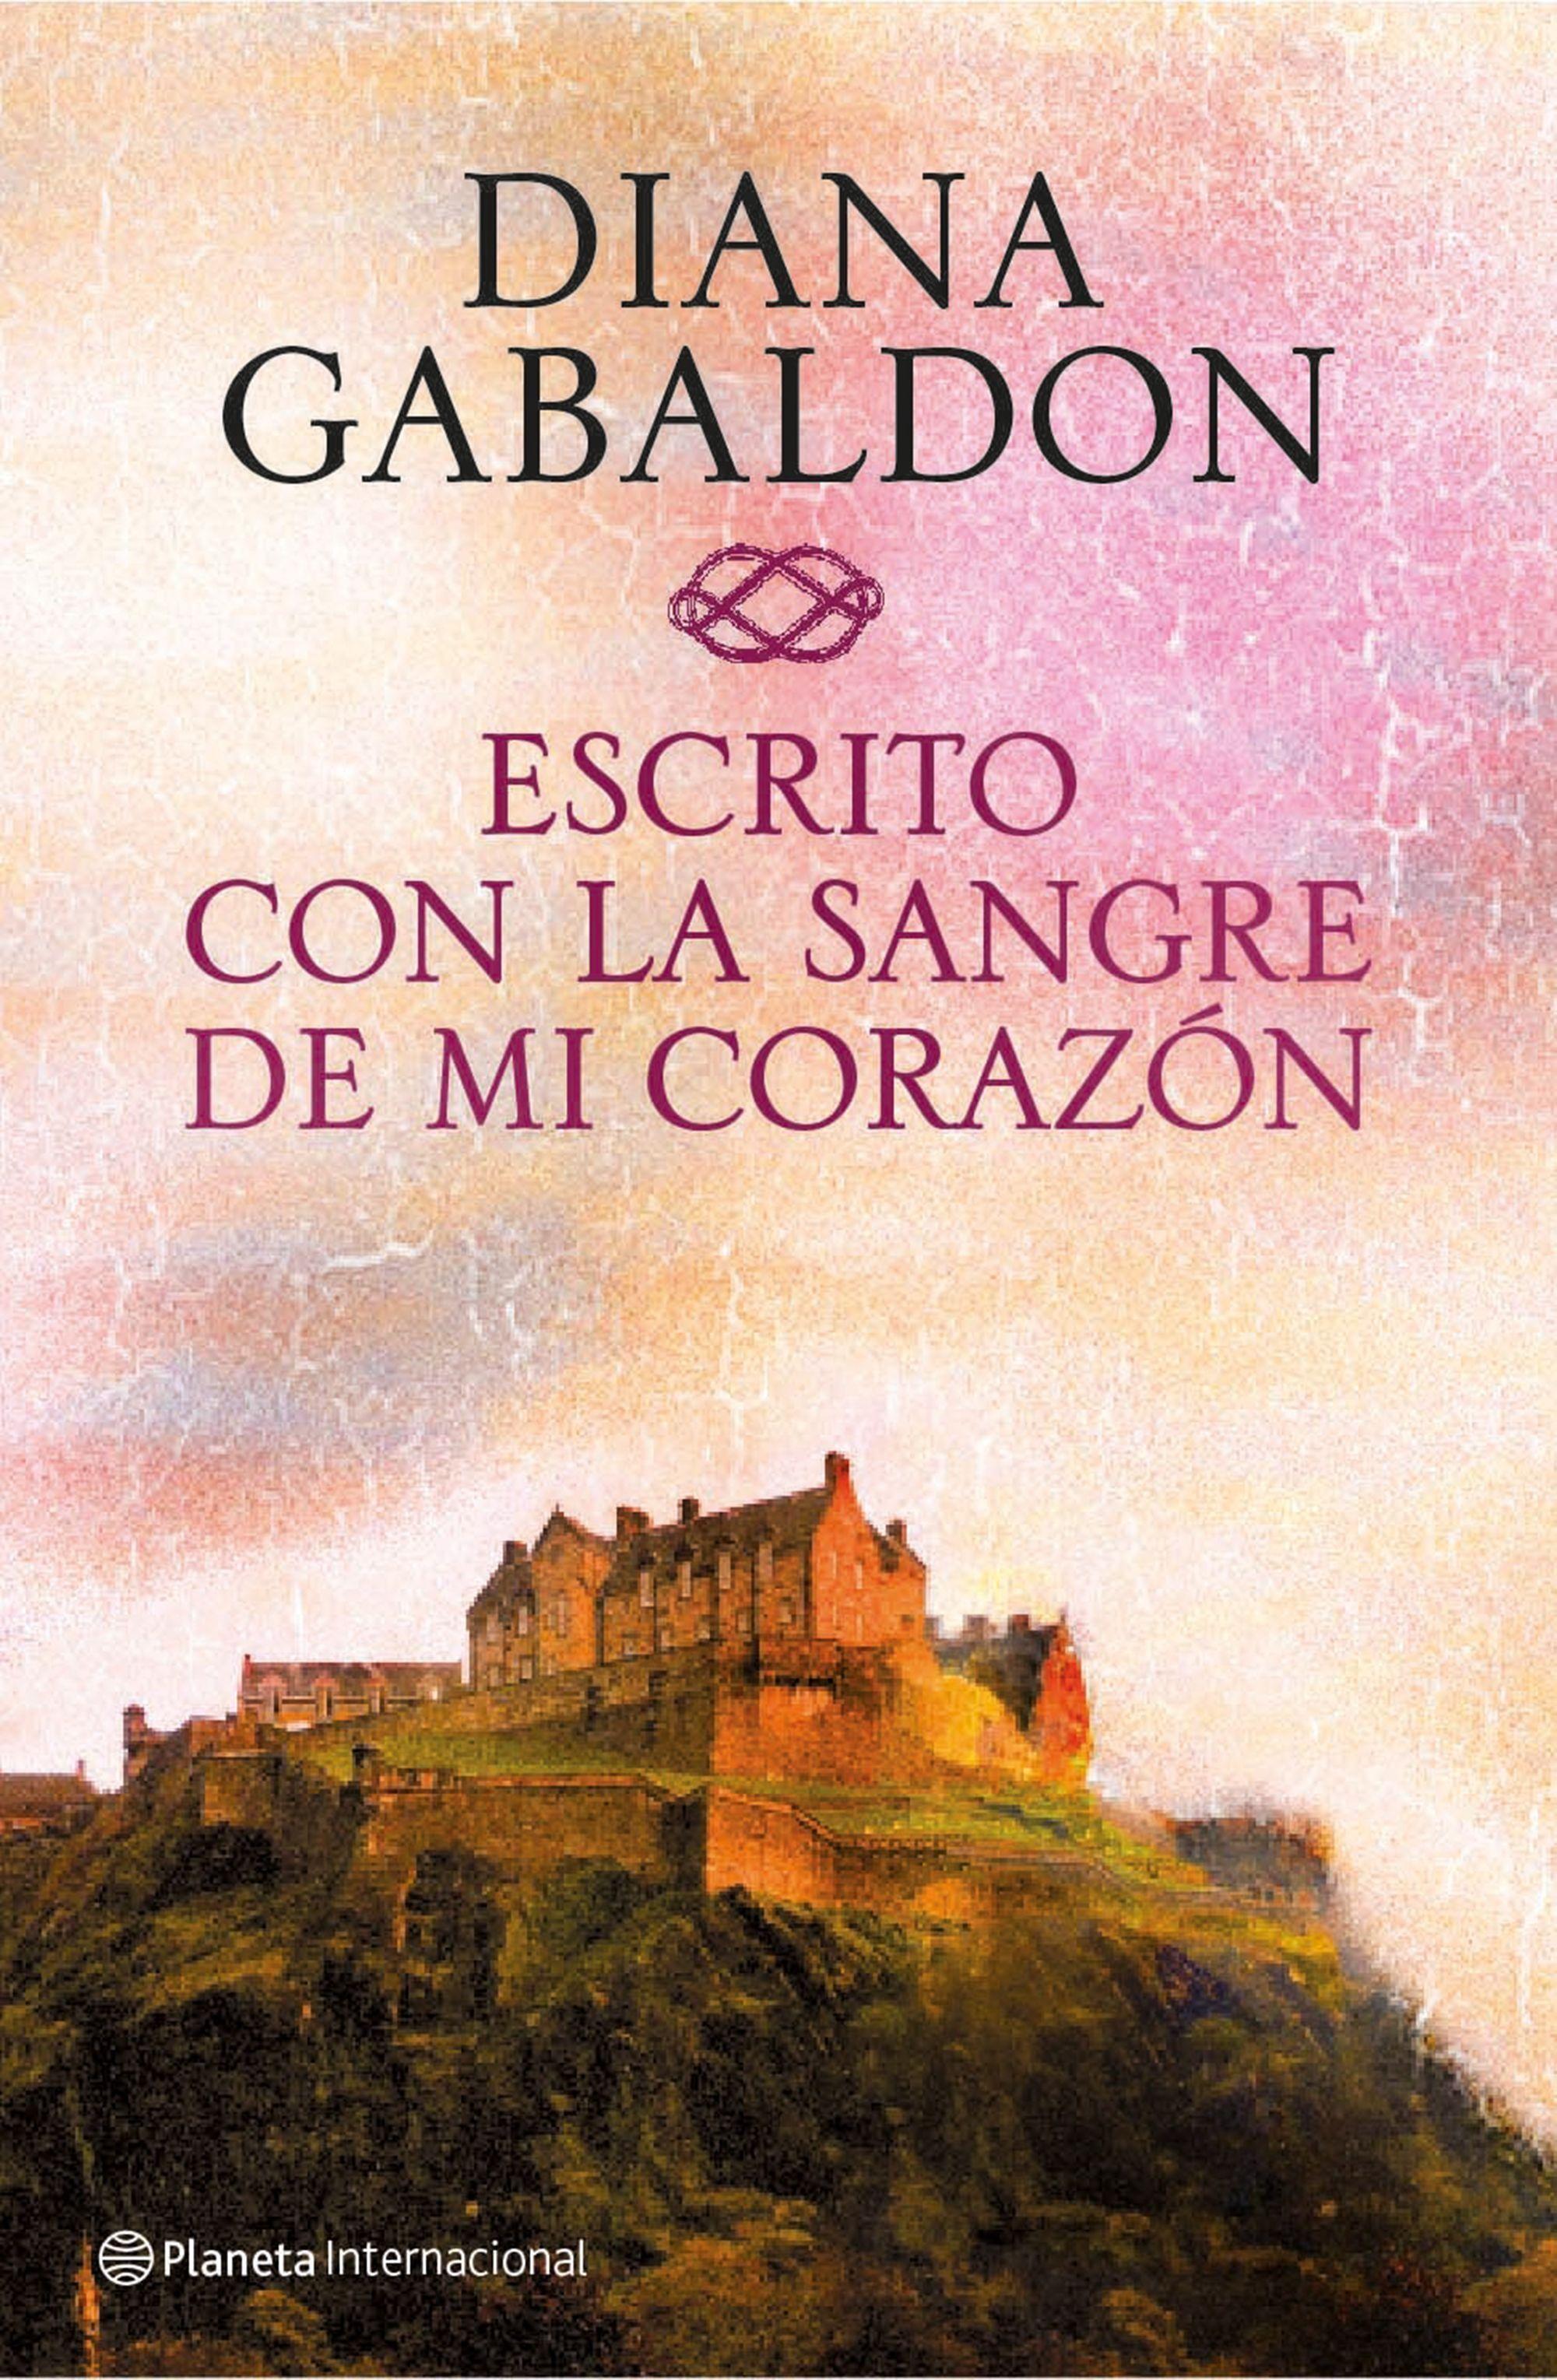 Descarga Escrito Con La Sangre De Mi Corazón Diana Gabaldon Https Ift Tt 2zjppbz Books Outlander Diana Gabaldon